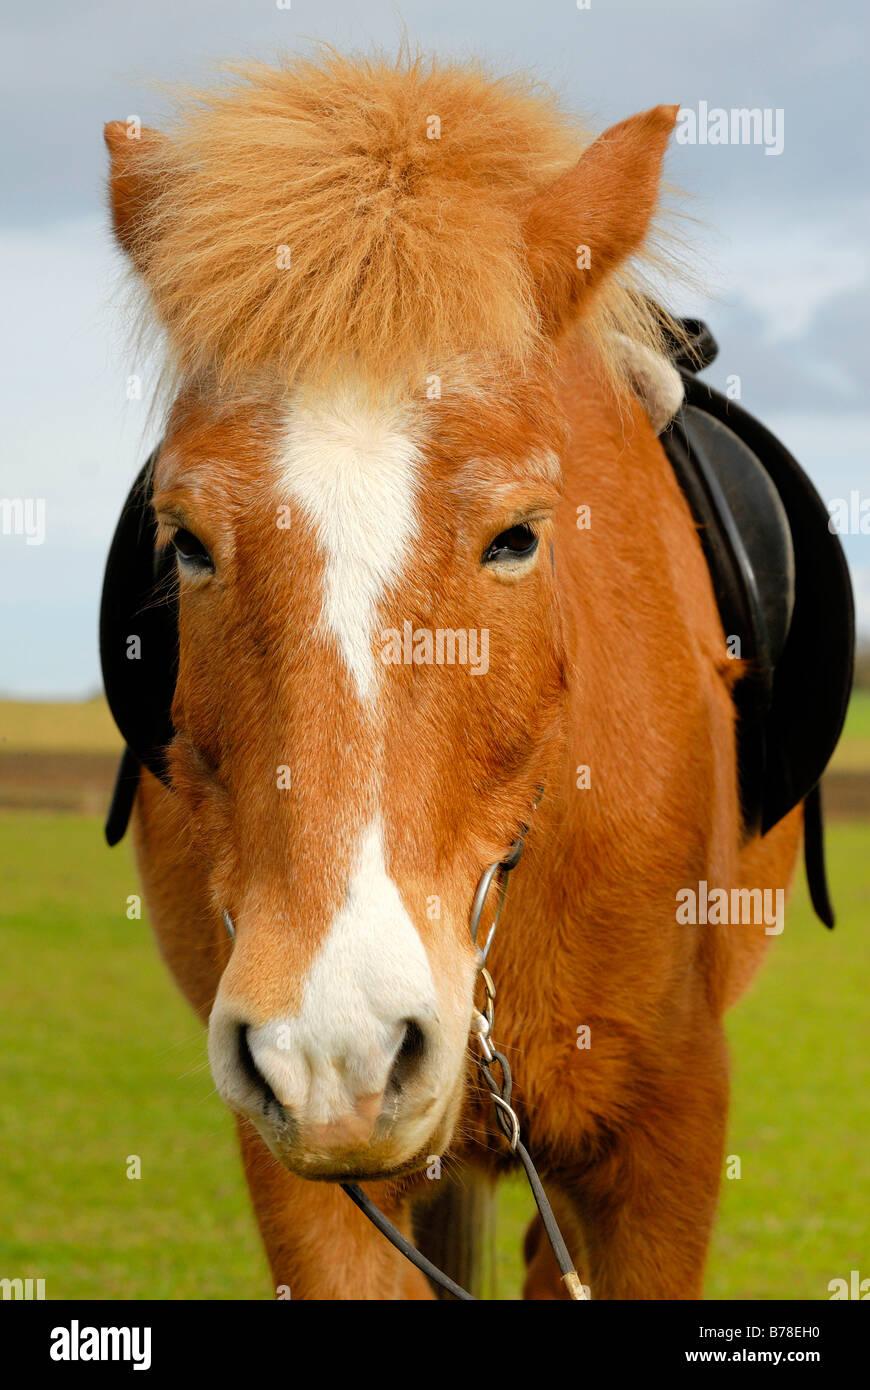 Icelandic horse (Equus ferus caballus), portrait Stock Photo